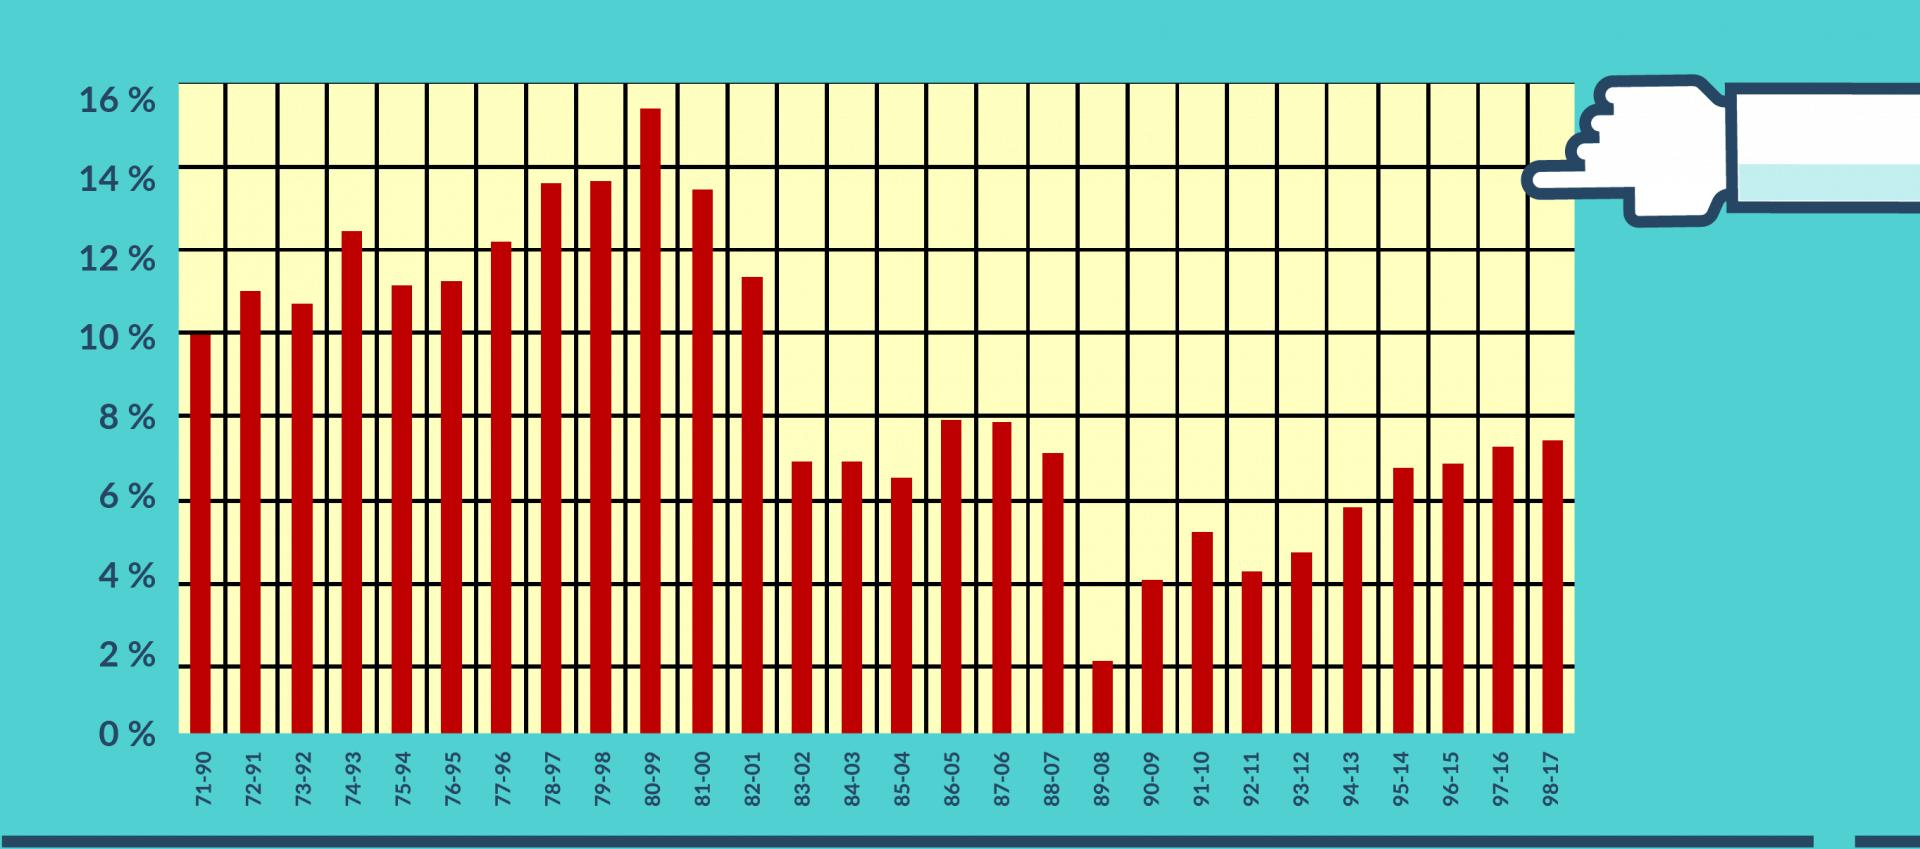 Geld investieren 20 Jahre Anlagehorizont